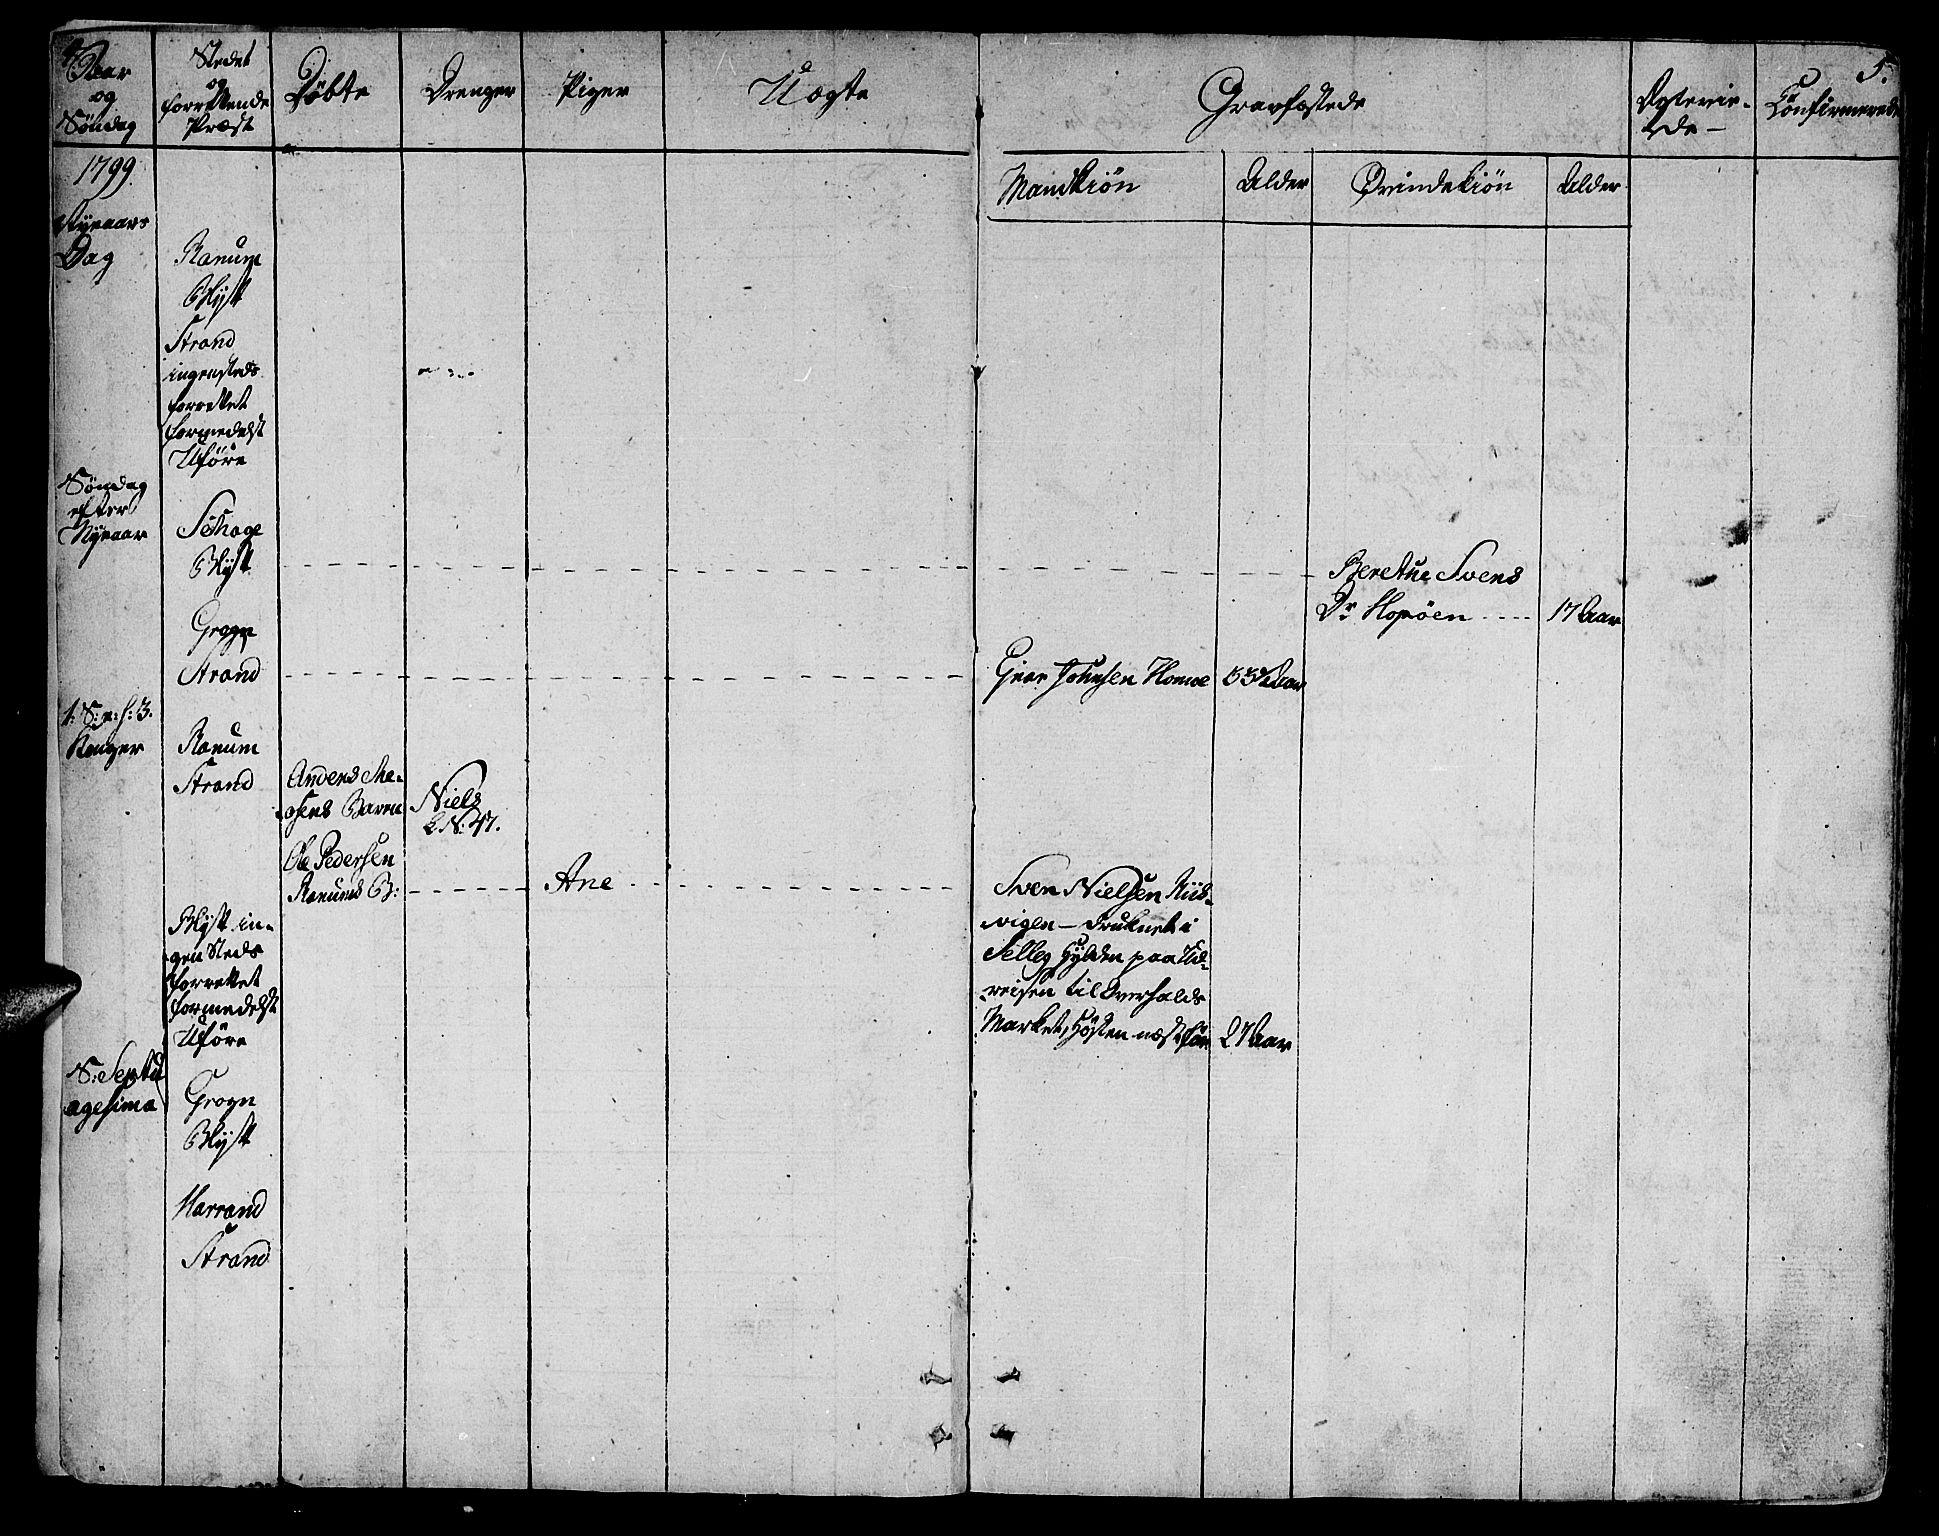 SAT, Ministerialprotokoller, klokkerbøker og fødselsregistre - Nord-Trøndelag, 764/L0545: Ministerialbok nr. 764A05, 1799-1816, s. 4-5